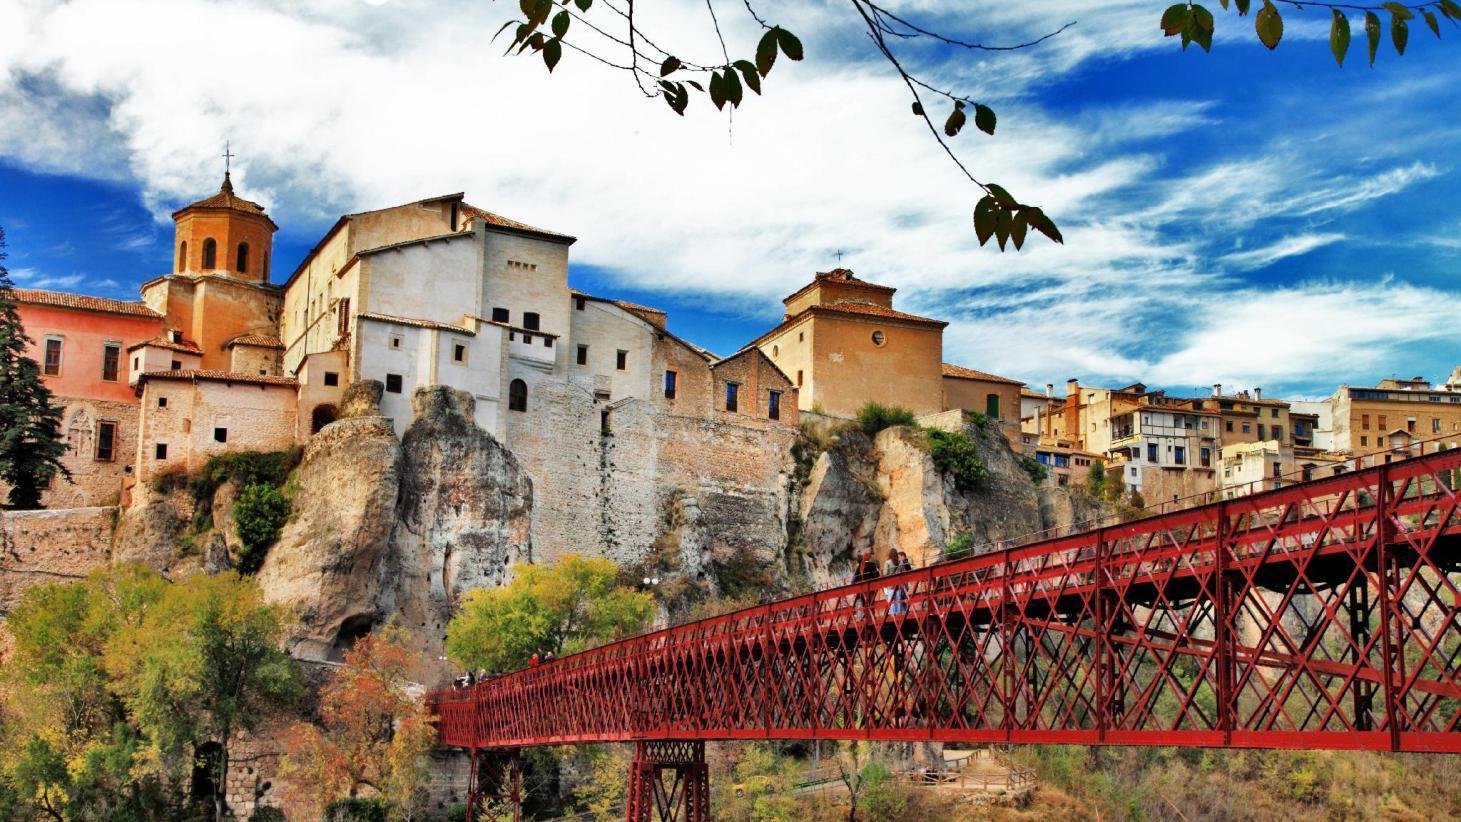 Hotels Cuenca - goedkoop overnachten met Agoda.com